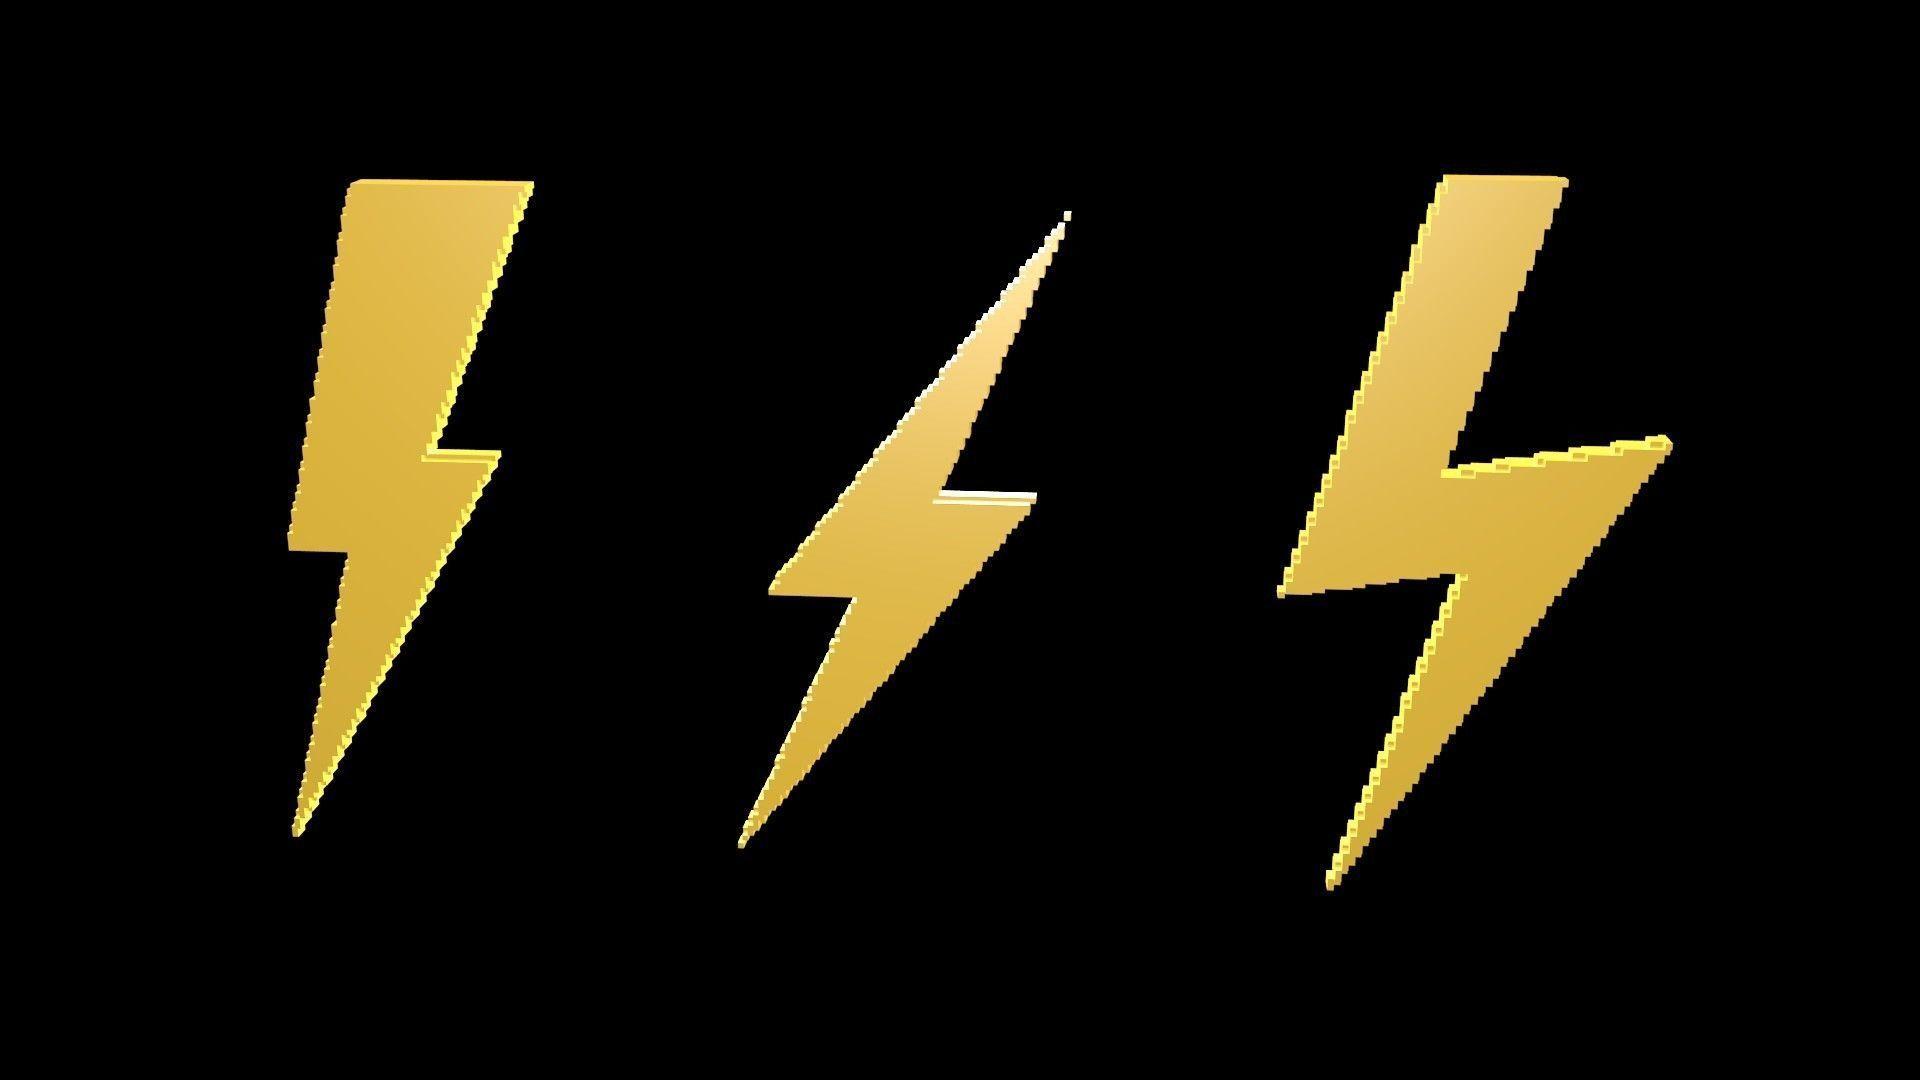 Thunder symbols voxel 4